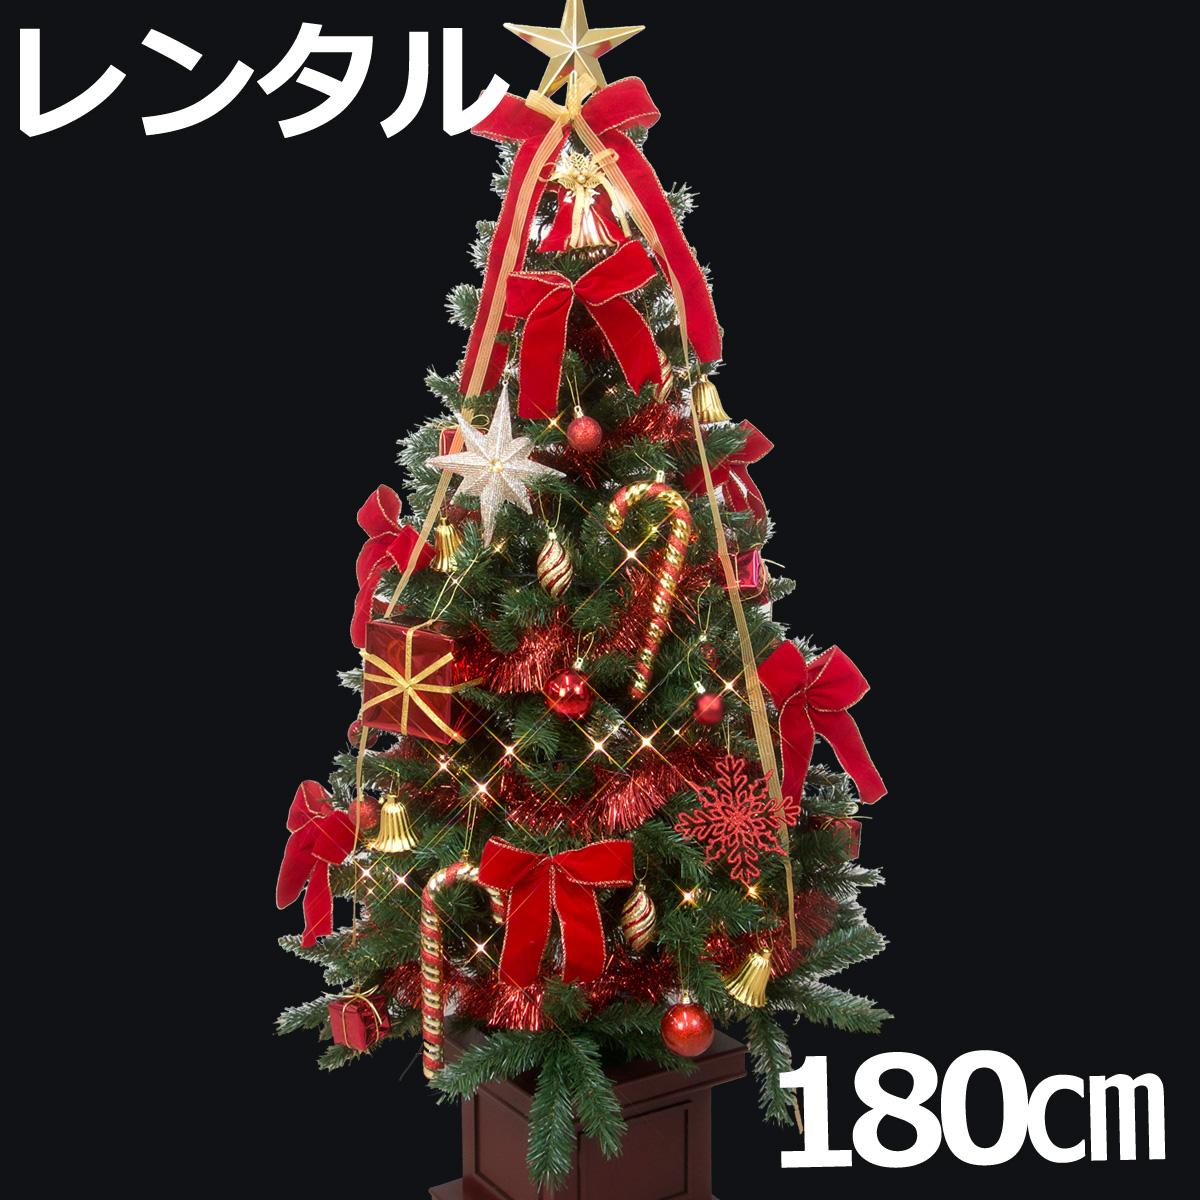 【レンタル】 クリスマスツリー セット 180cm 木製ポット付 レッド&ゴールド 【往復 送料無料】 クリスマスツリー レンタル fy16REN07